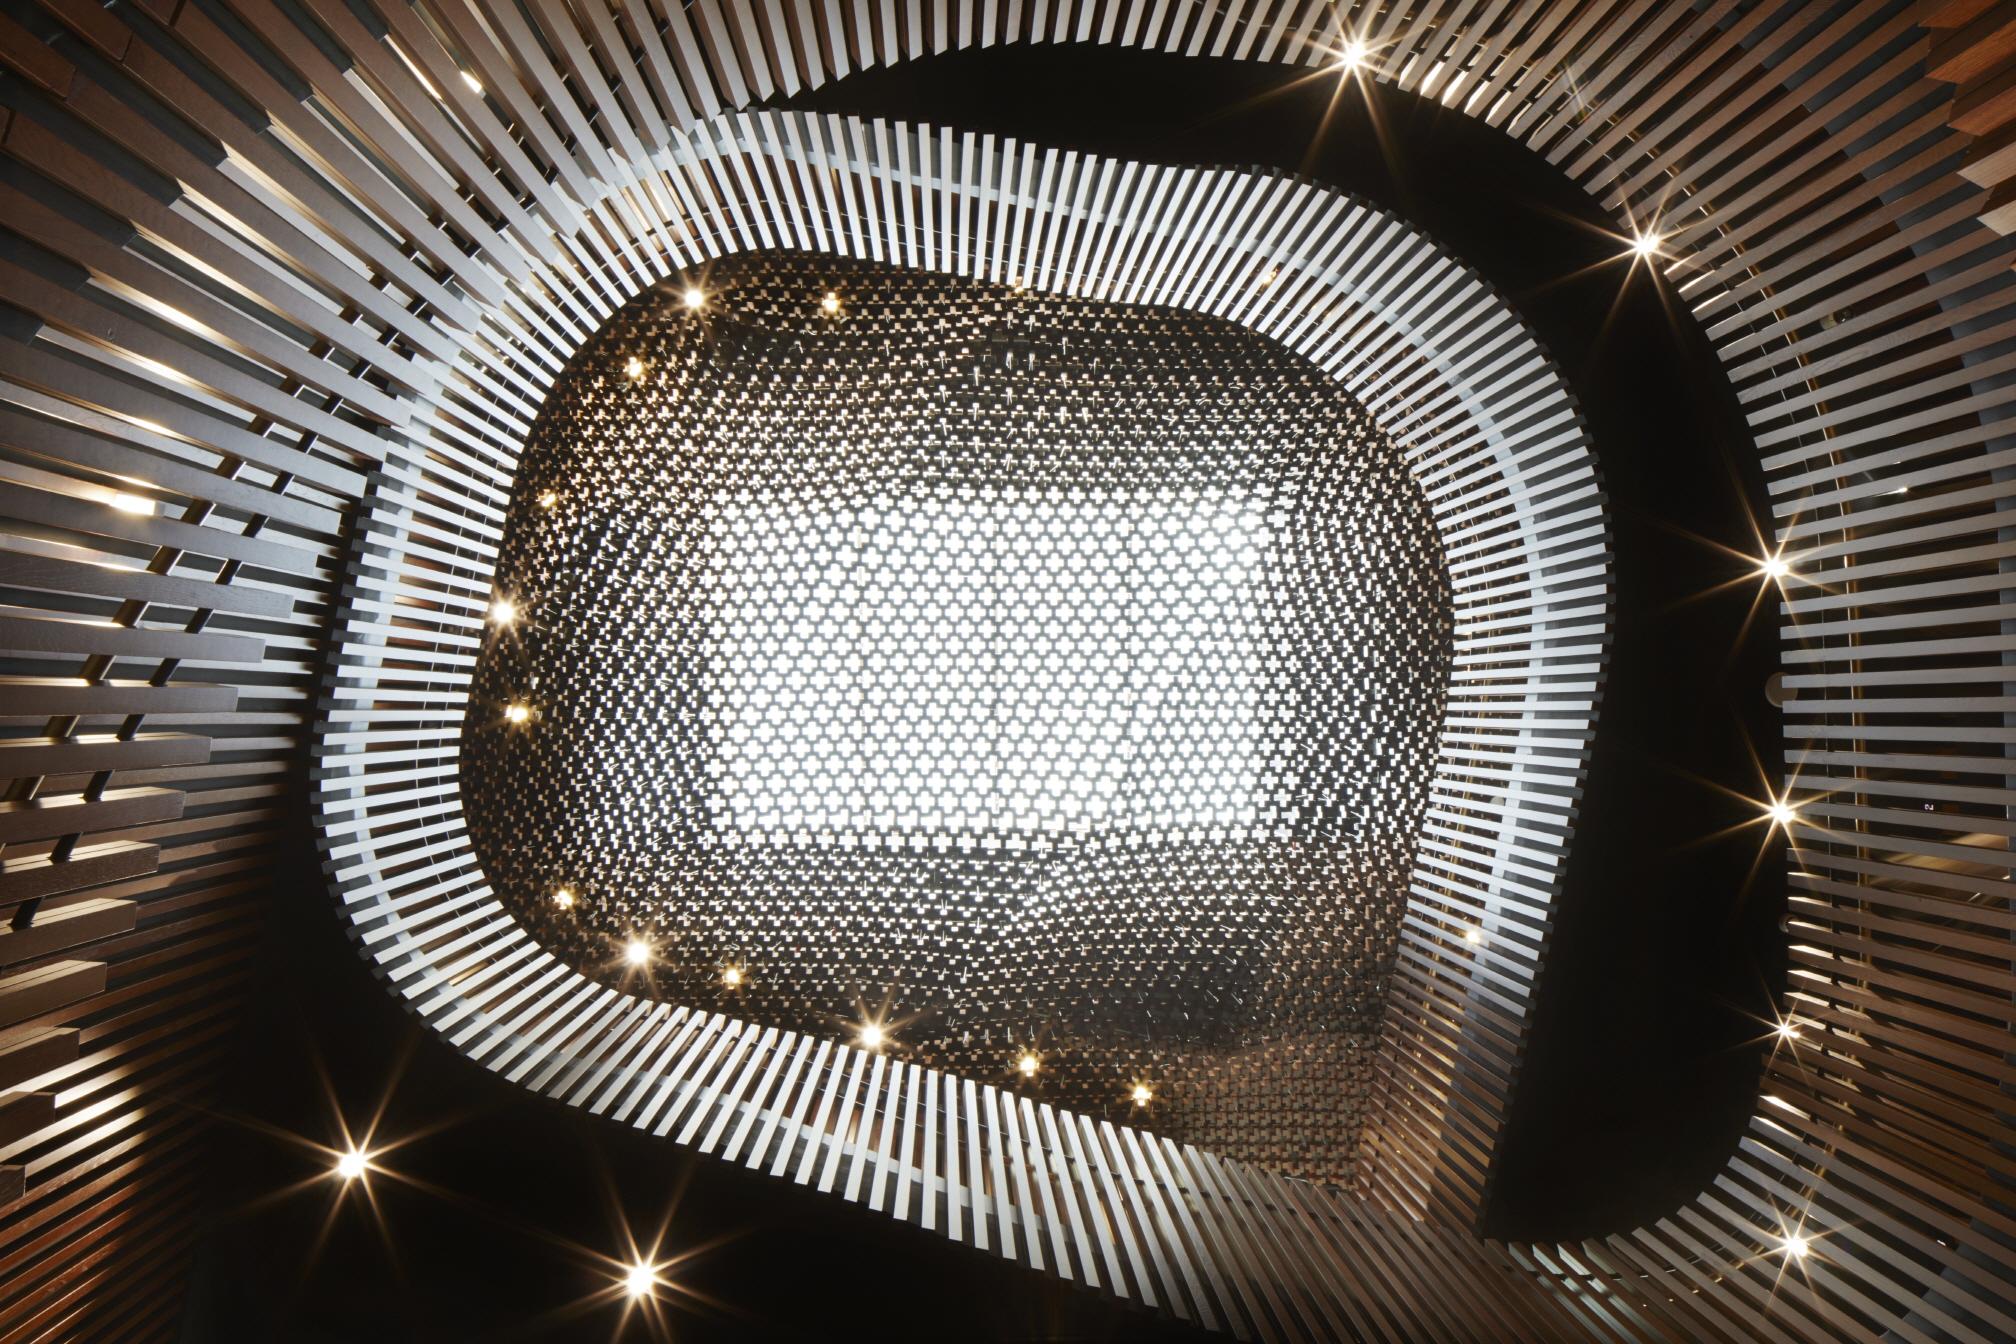 〔안정원의 건축 칼럼〕 지역의 맥락성을 고려한 입체적인 파사드와 다이어그리드 패턴 공간 2